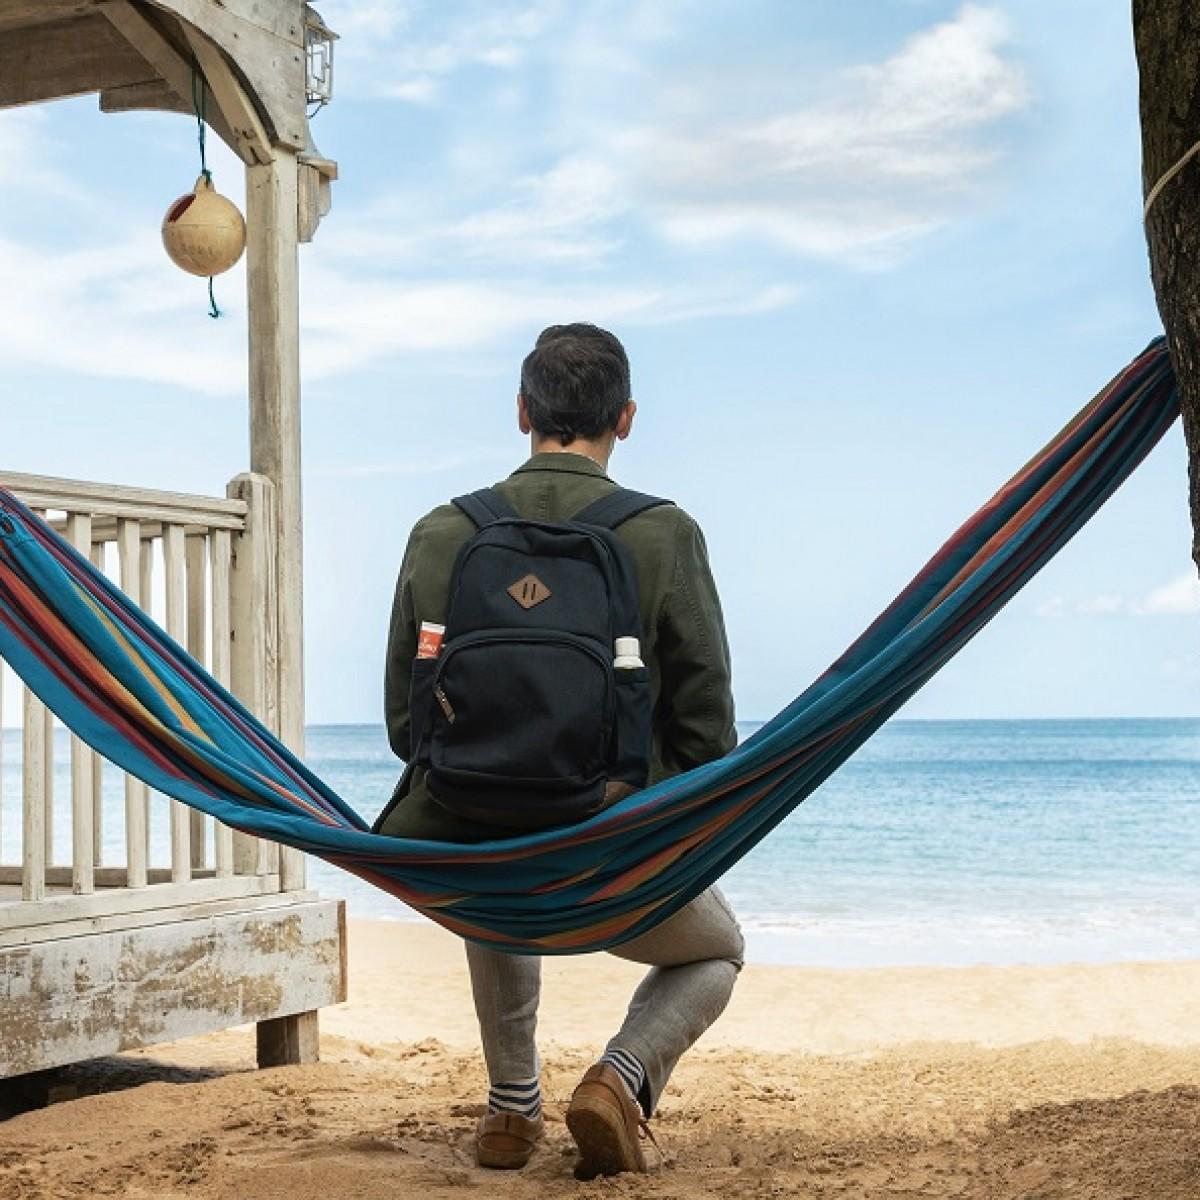 """Erster Teaser-Trailer für """"Death in Paradise"""", Starttermin für """"Grantchester"""" – Termine auch für """"Vera"""" und """"Cold Feet"""" – Bild: BBC"""